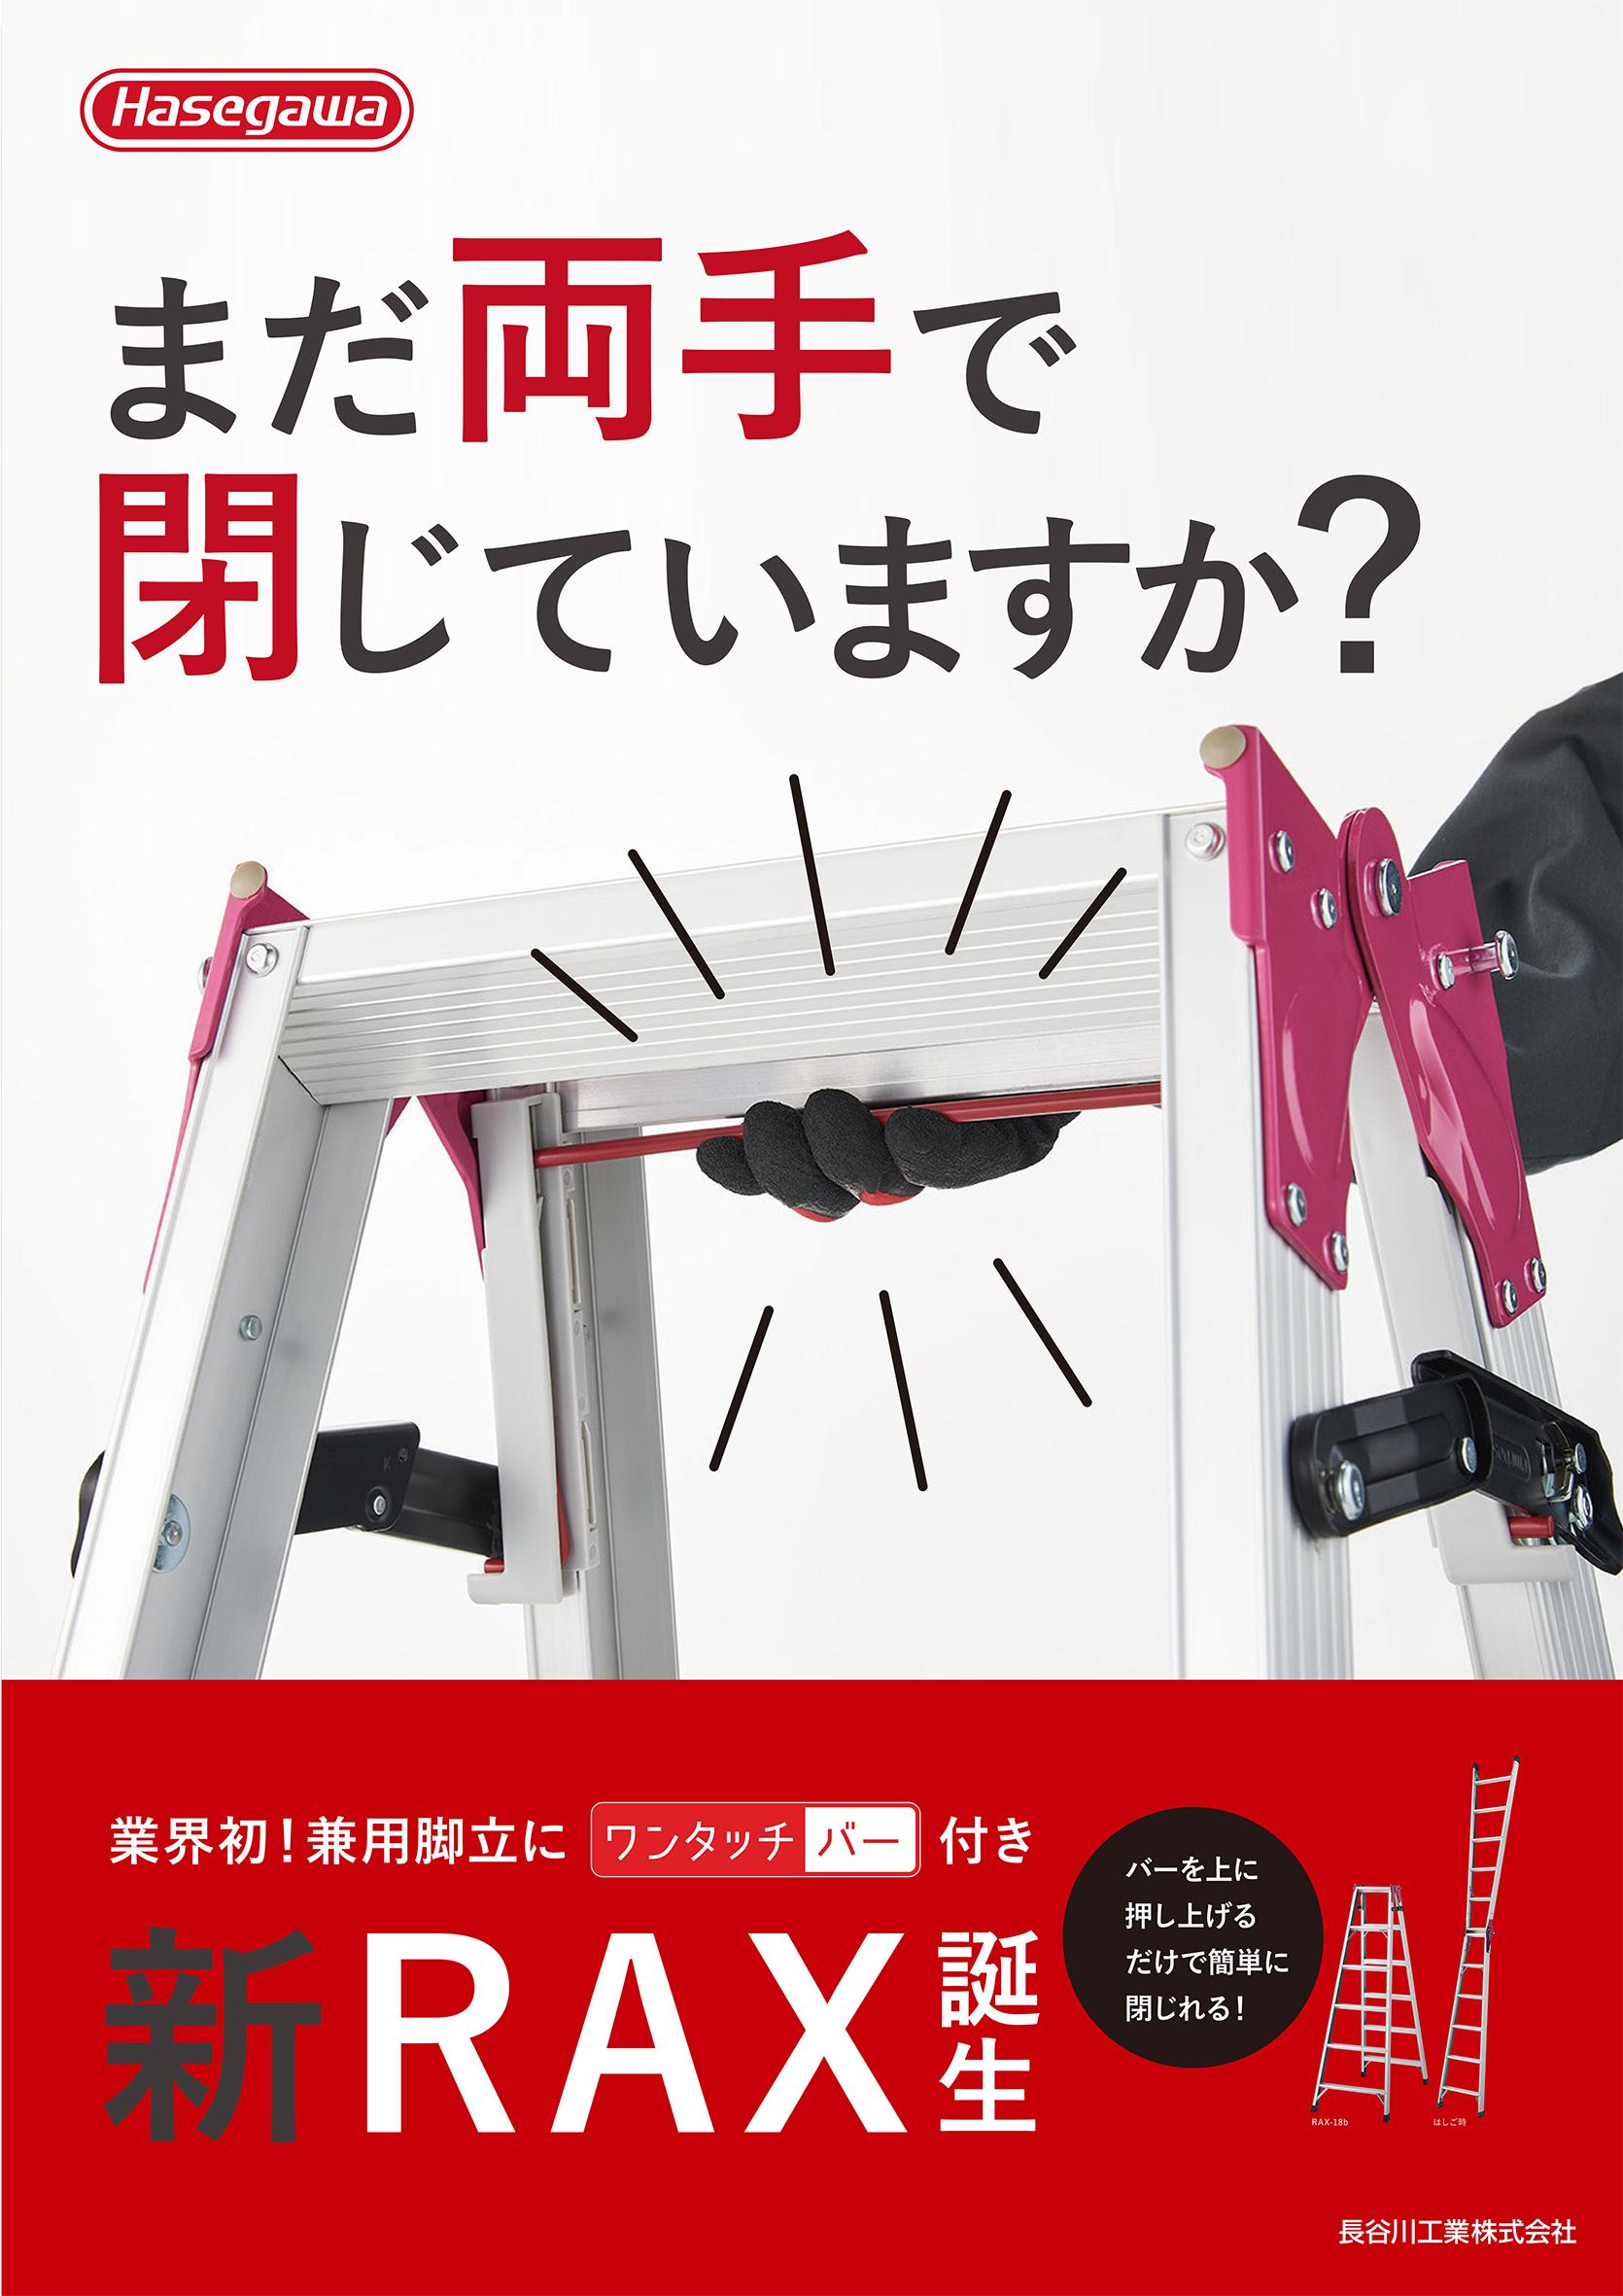 【長谷川工業】業界初!兼用脚立にワンタッチバー付き『RAX はしご兼用脚立』の画像